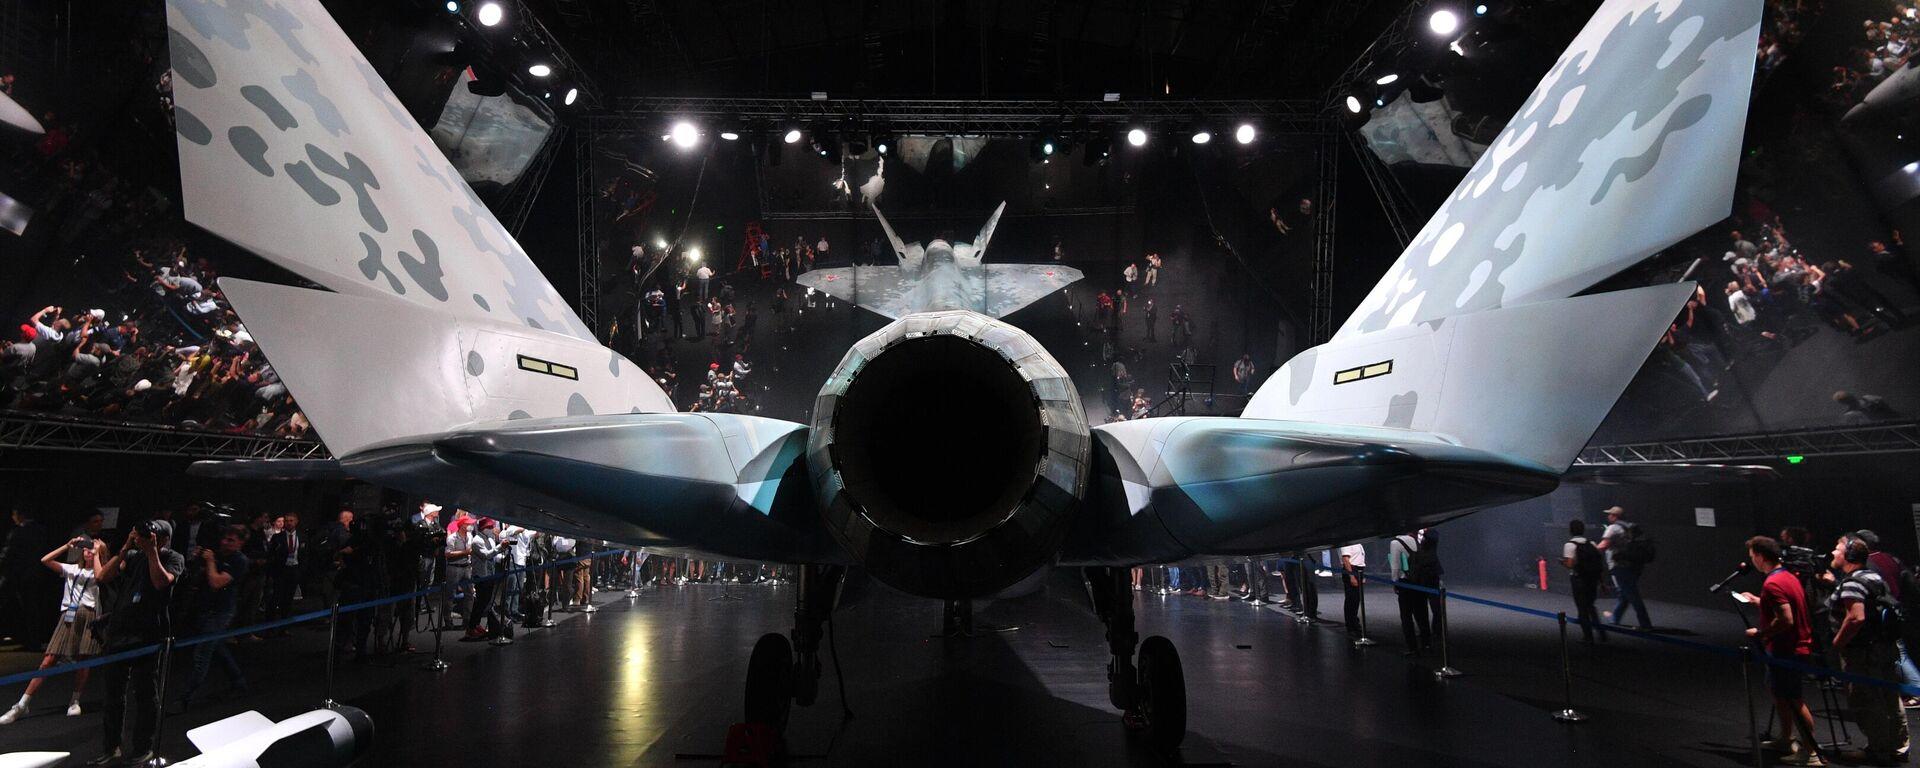 Презентация нового военного самолета Checkmate - Sputnik Таджикистан, 1920, 12.09.2021